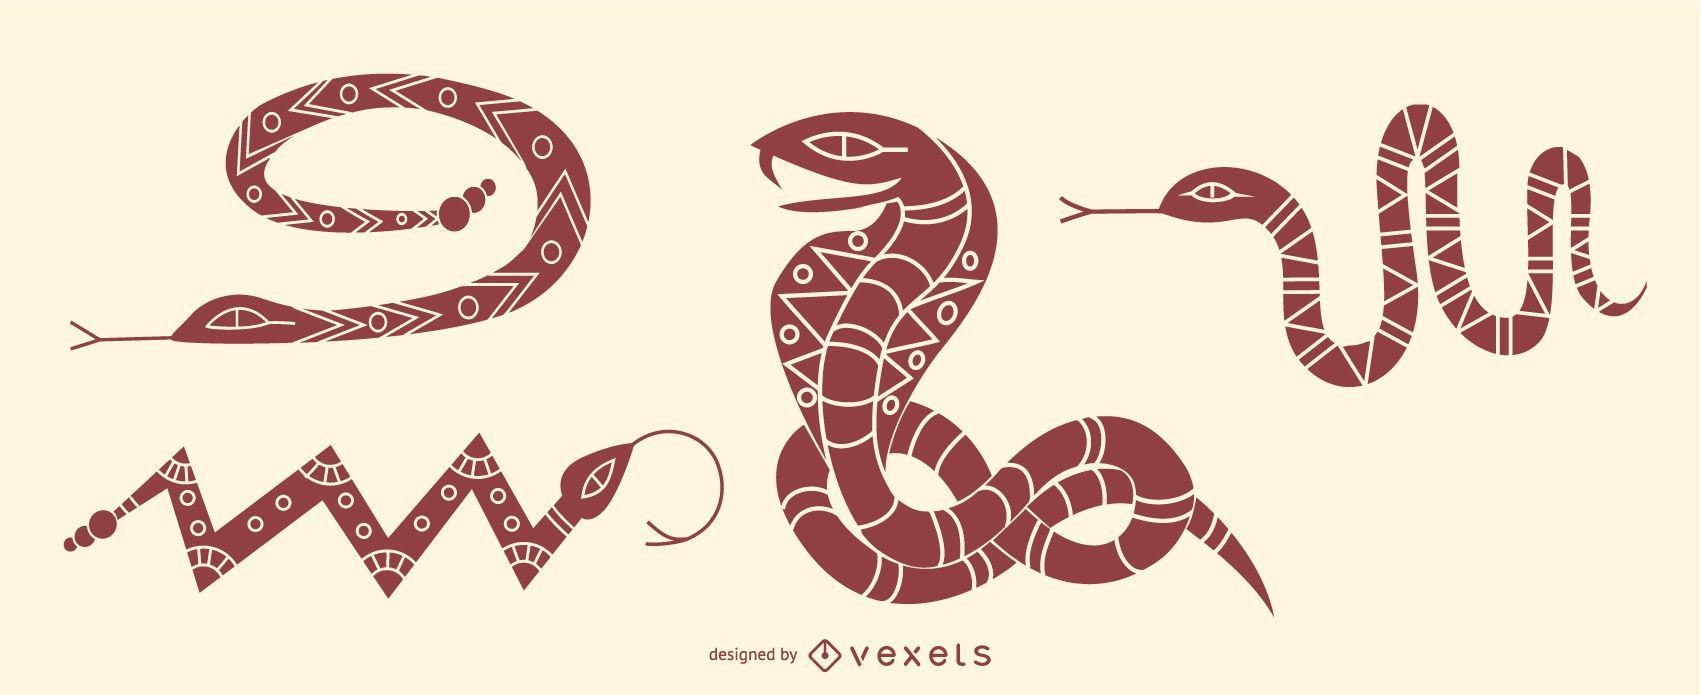 Stylish Snake Set